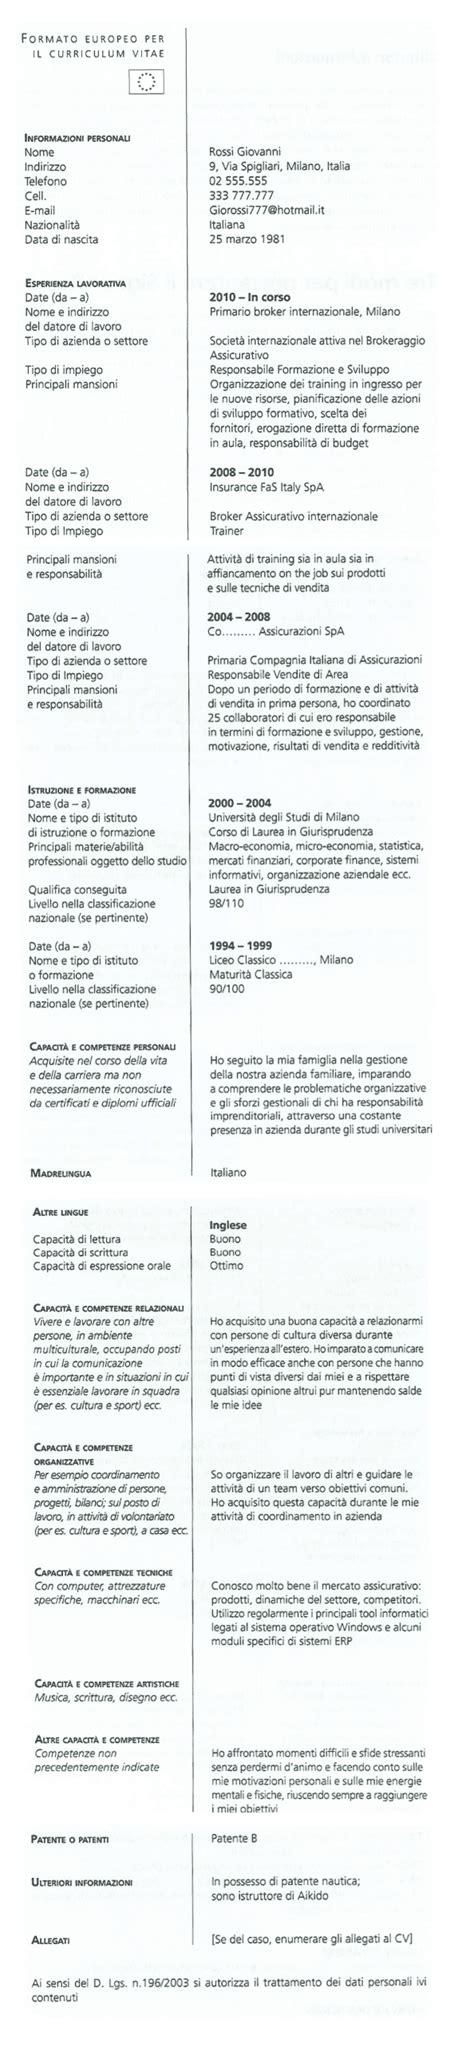 Formato Europeo Curriculum Vitae Esempio Curriculum Vitae I 3 Modelli Efficaci Da Utilizzare Subito